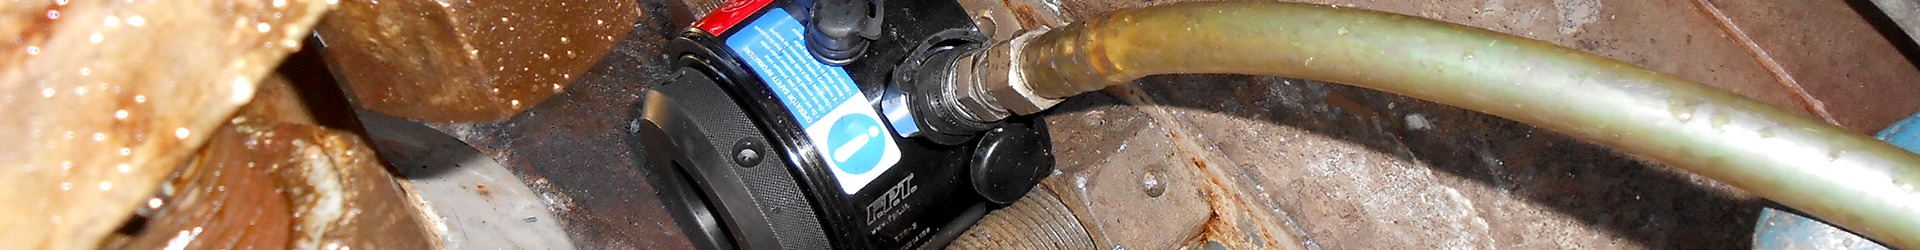 Căng bulong bằng thủy lực TTS